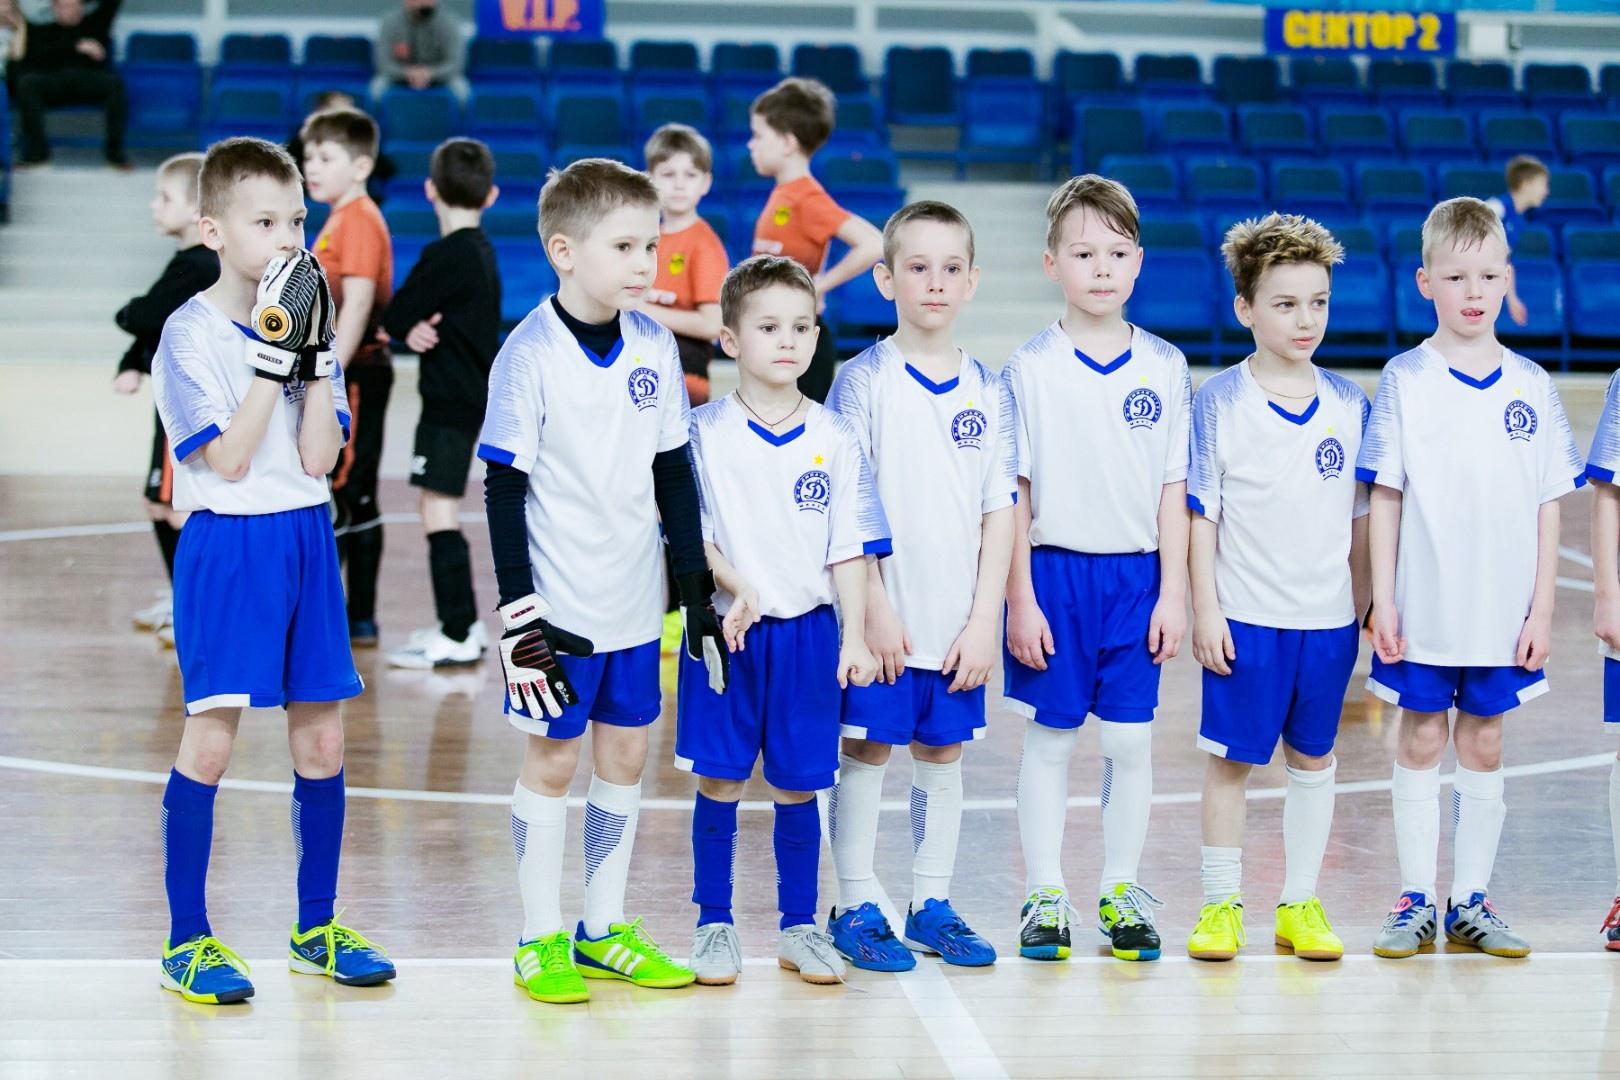 Динамо — Обладатель утешительного Кубка Премьерлиги Юни 2014